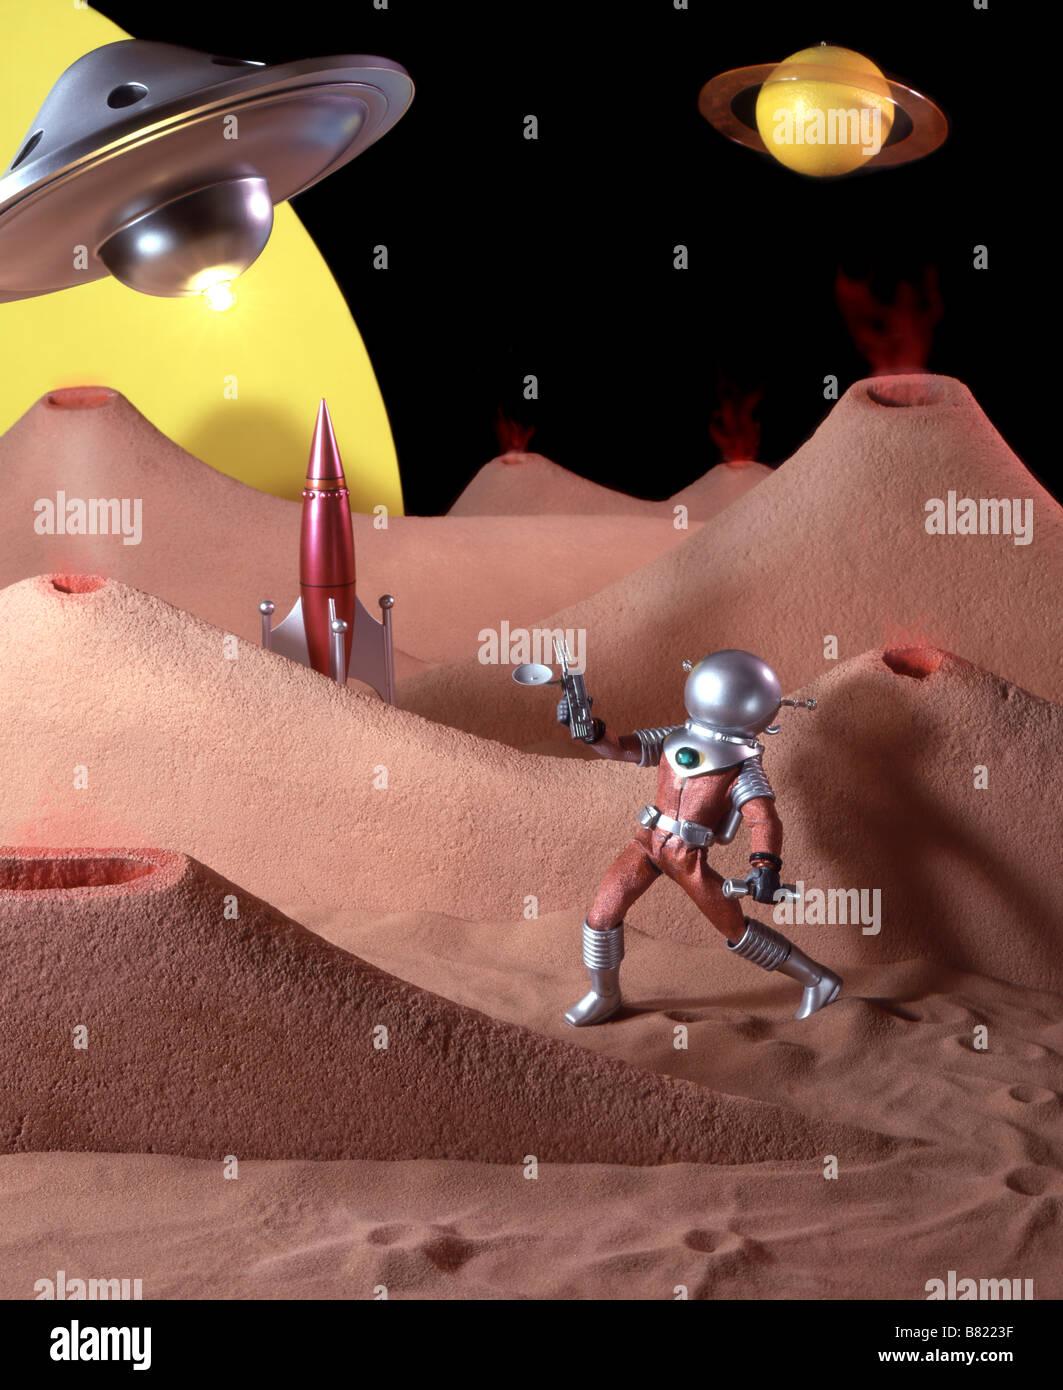 Kitsch, 50er Jahre Science-Fiction-Film mit Spielzeug Spaceman und Planeten gesetzt. Stockbild